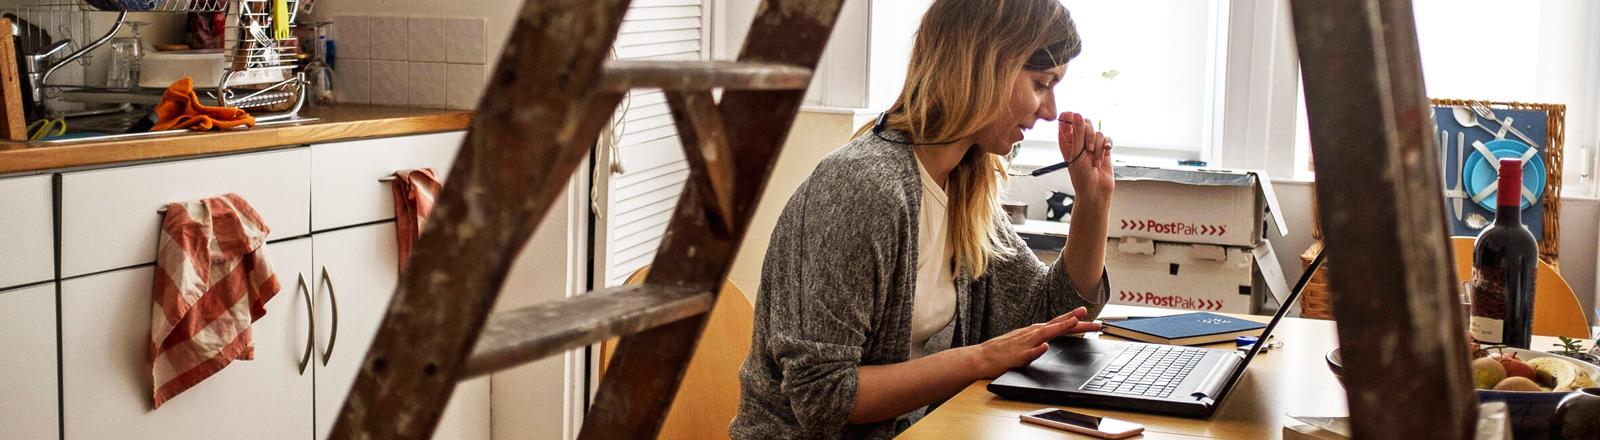 Eine Frau sitzt am Küchentisch und arbeitet im Homeoffice.